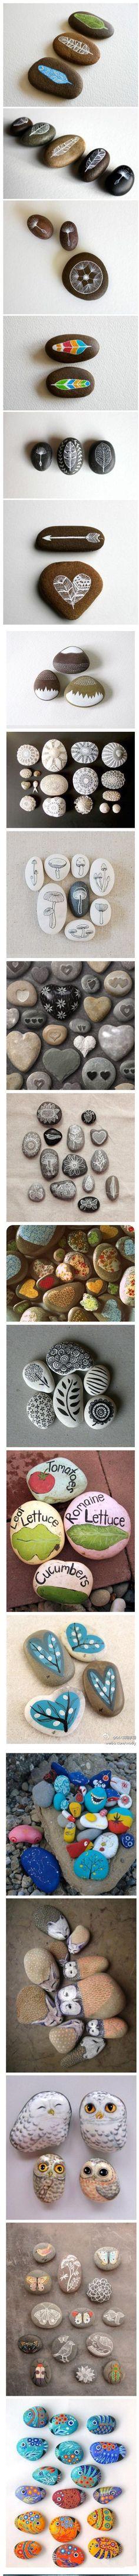 Doodles on Rocks- super cool